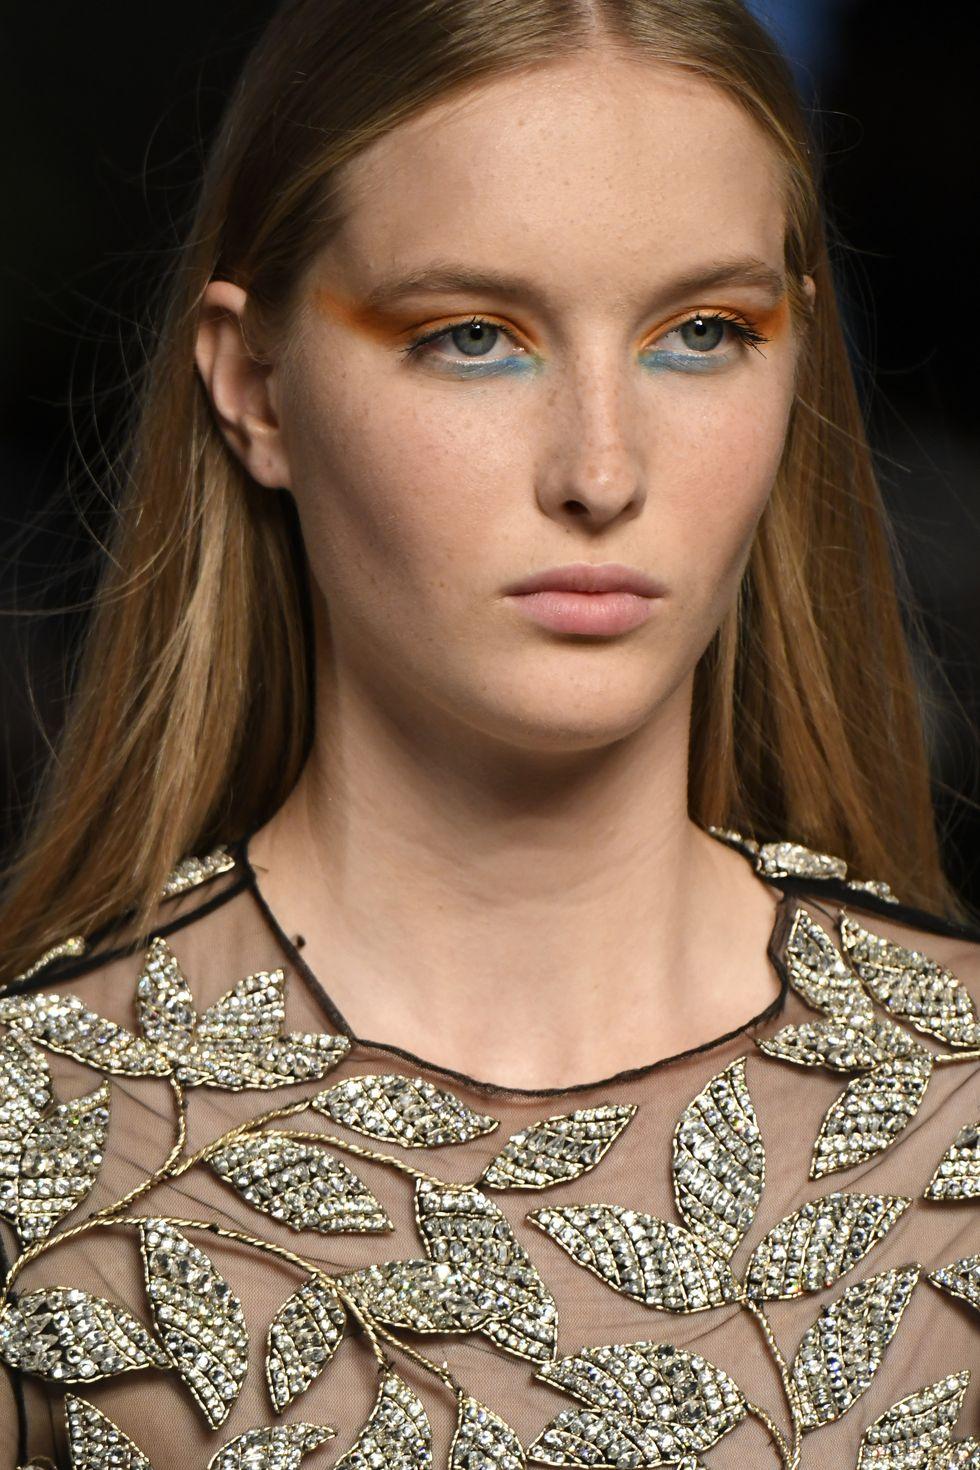 Makeup Look 5